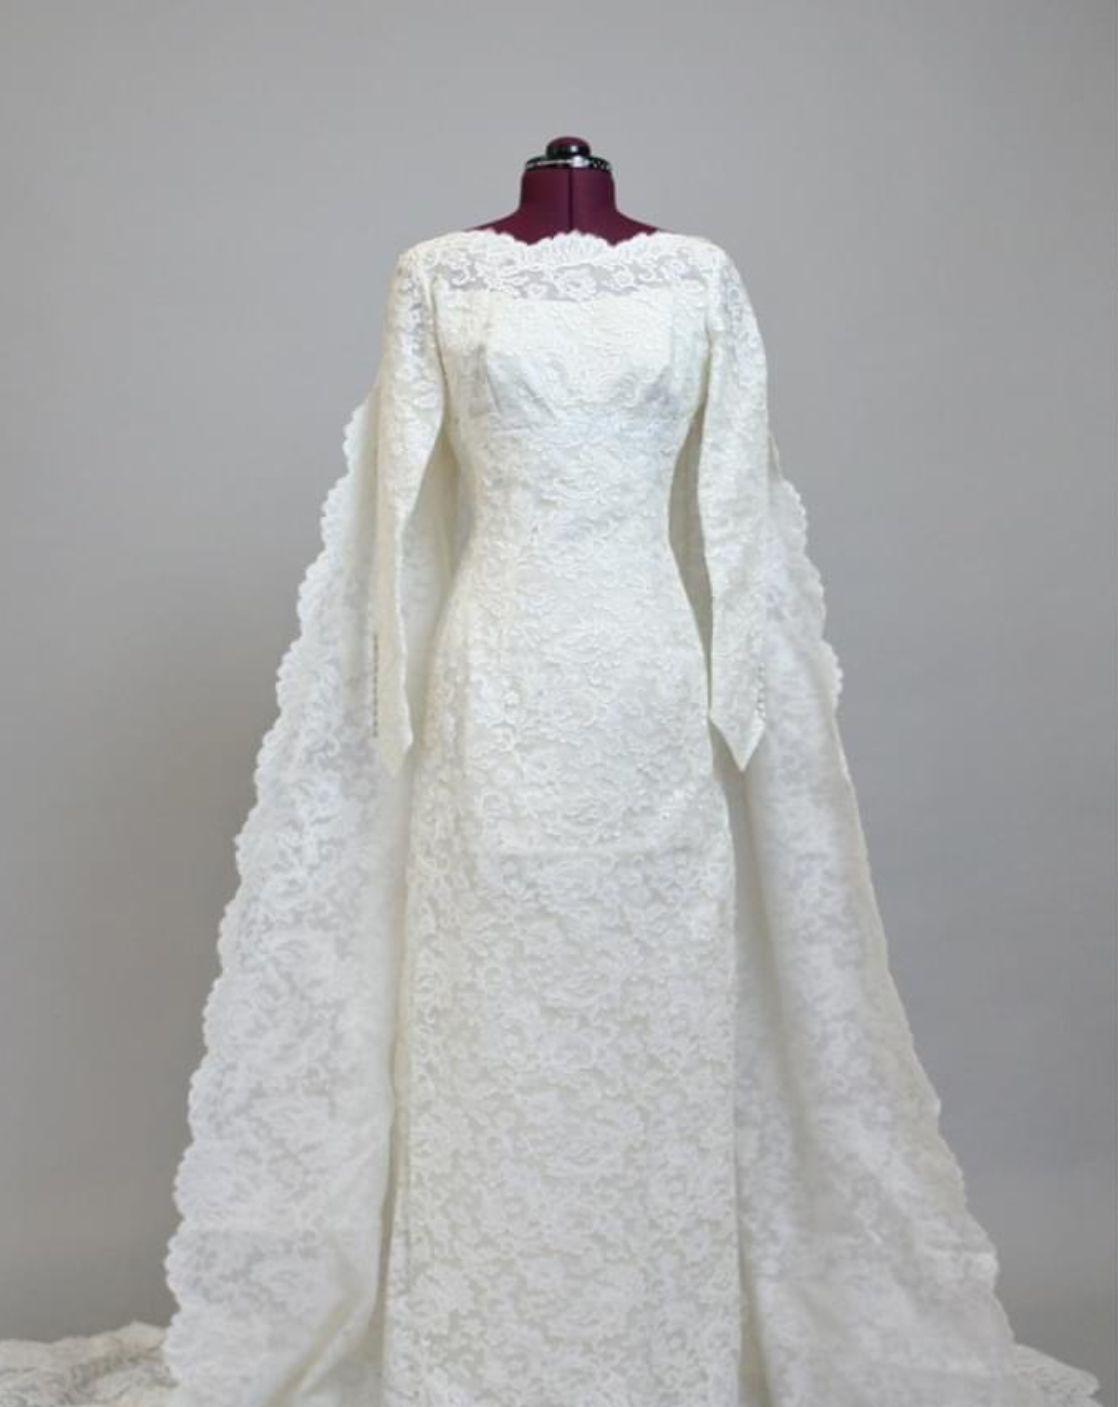 Balenciaga Wedding Dresses In 2020 Lace Wedding Dress Vintage Wedding Gowns Vintage Wedding Dresses Vintage